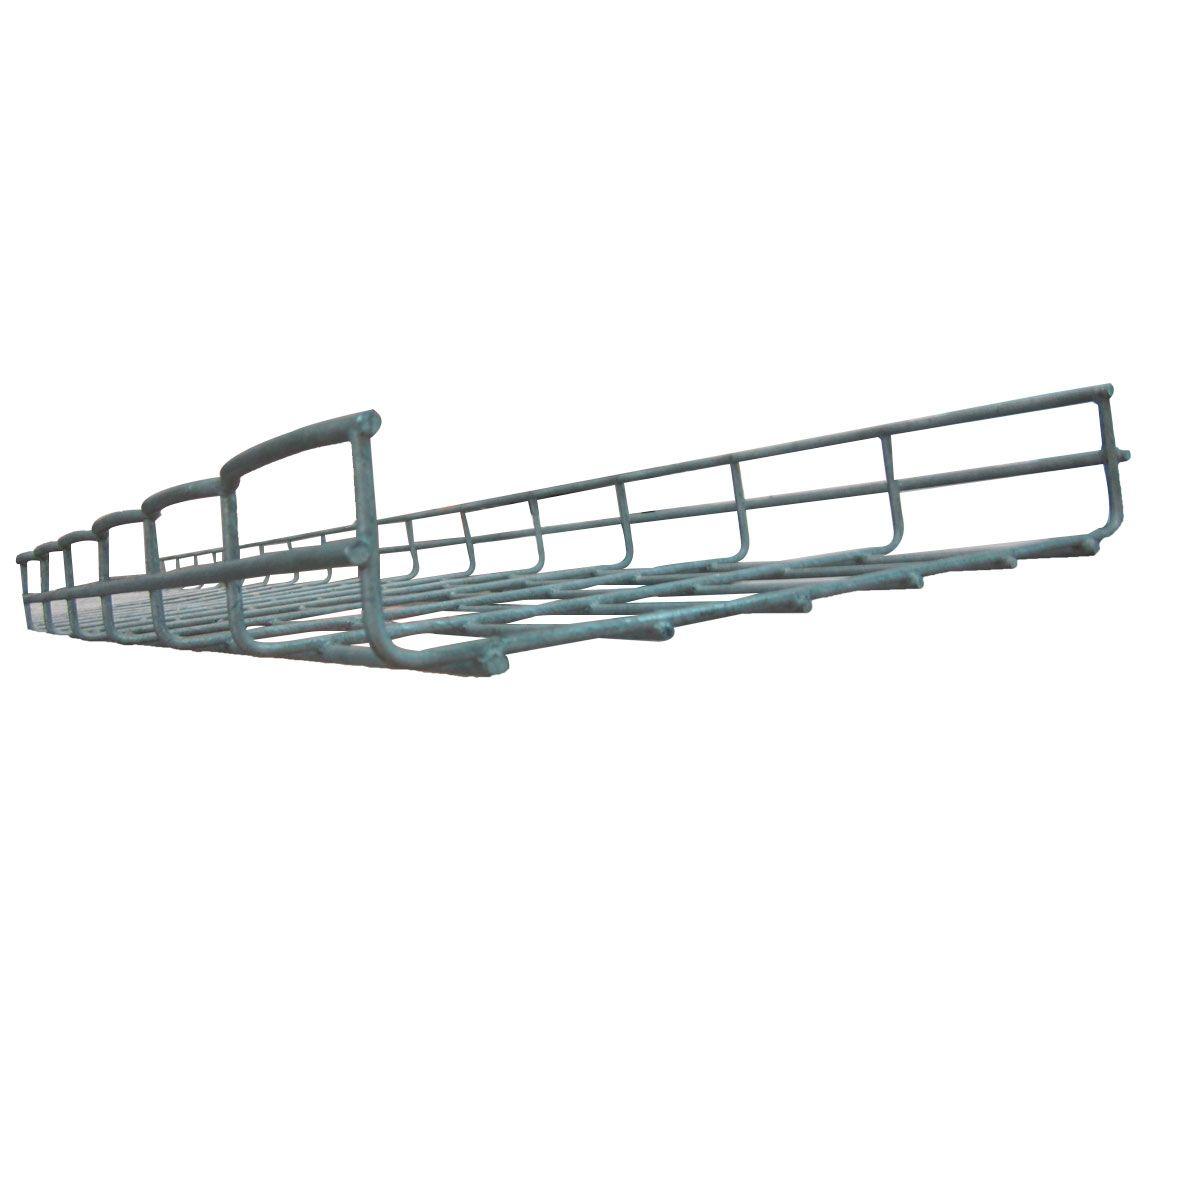 Bandeja porta cable tipo escalerilla galvanizada 0.30 m x 3 m